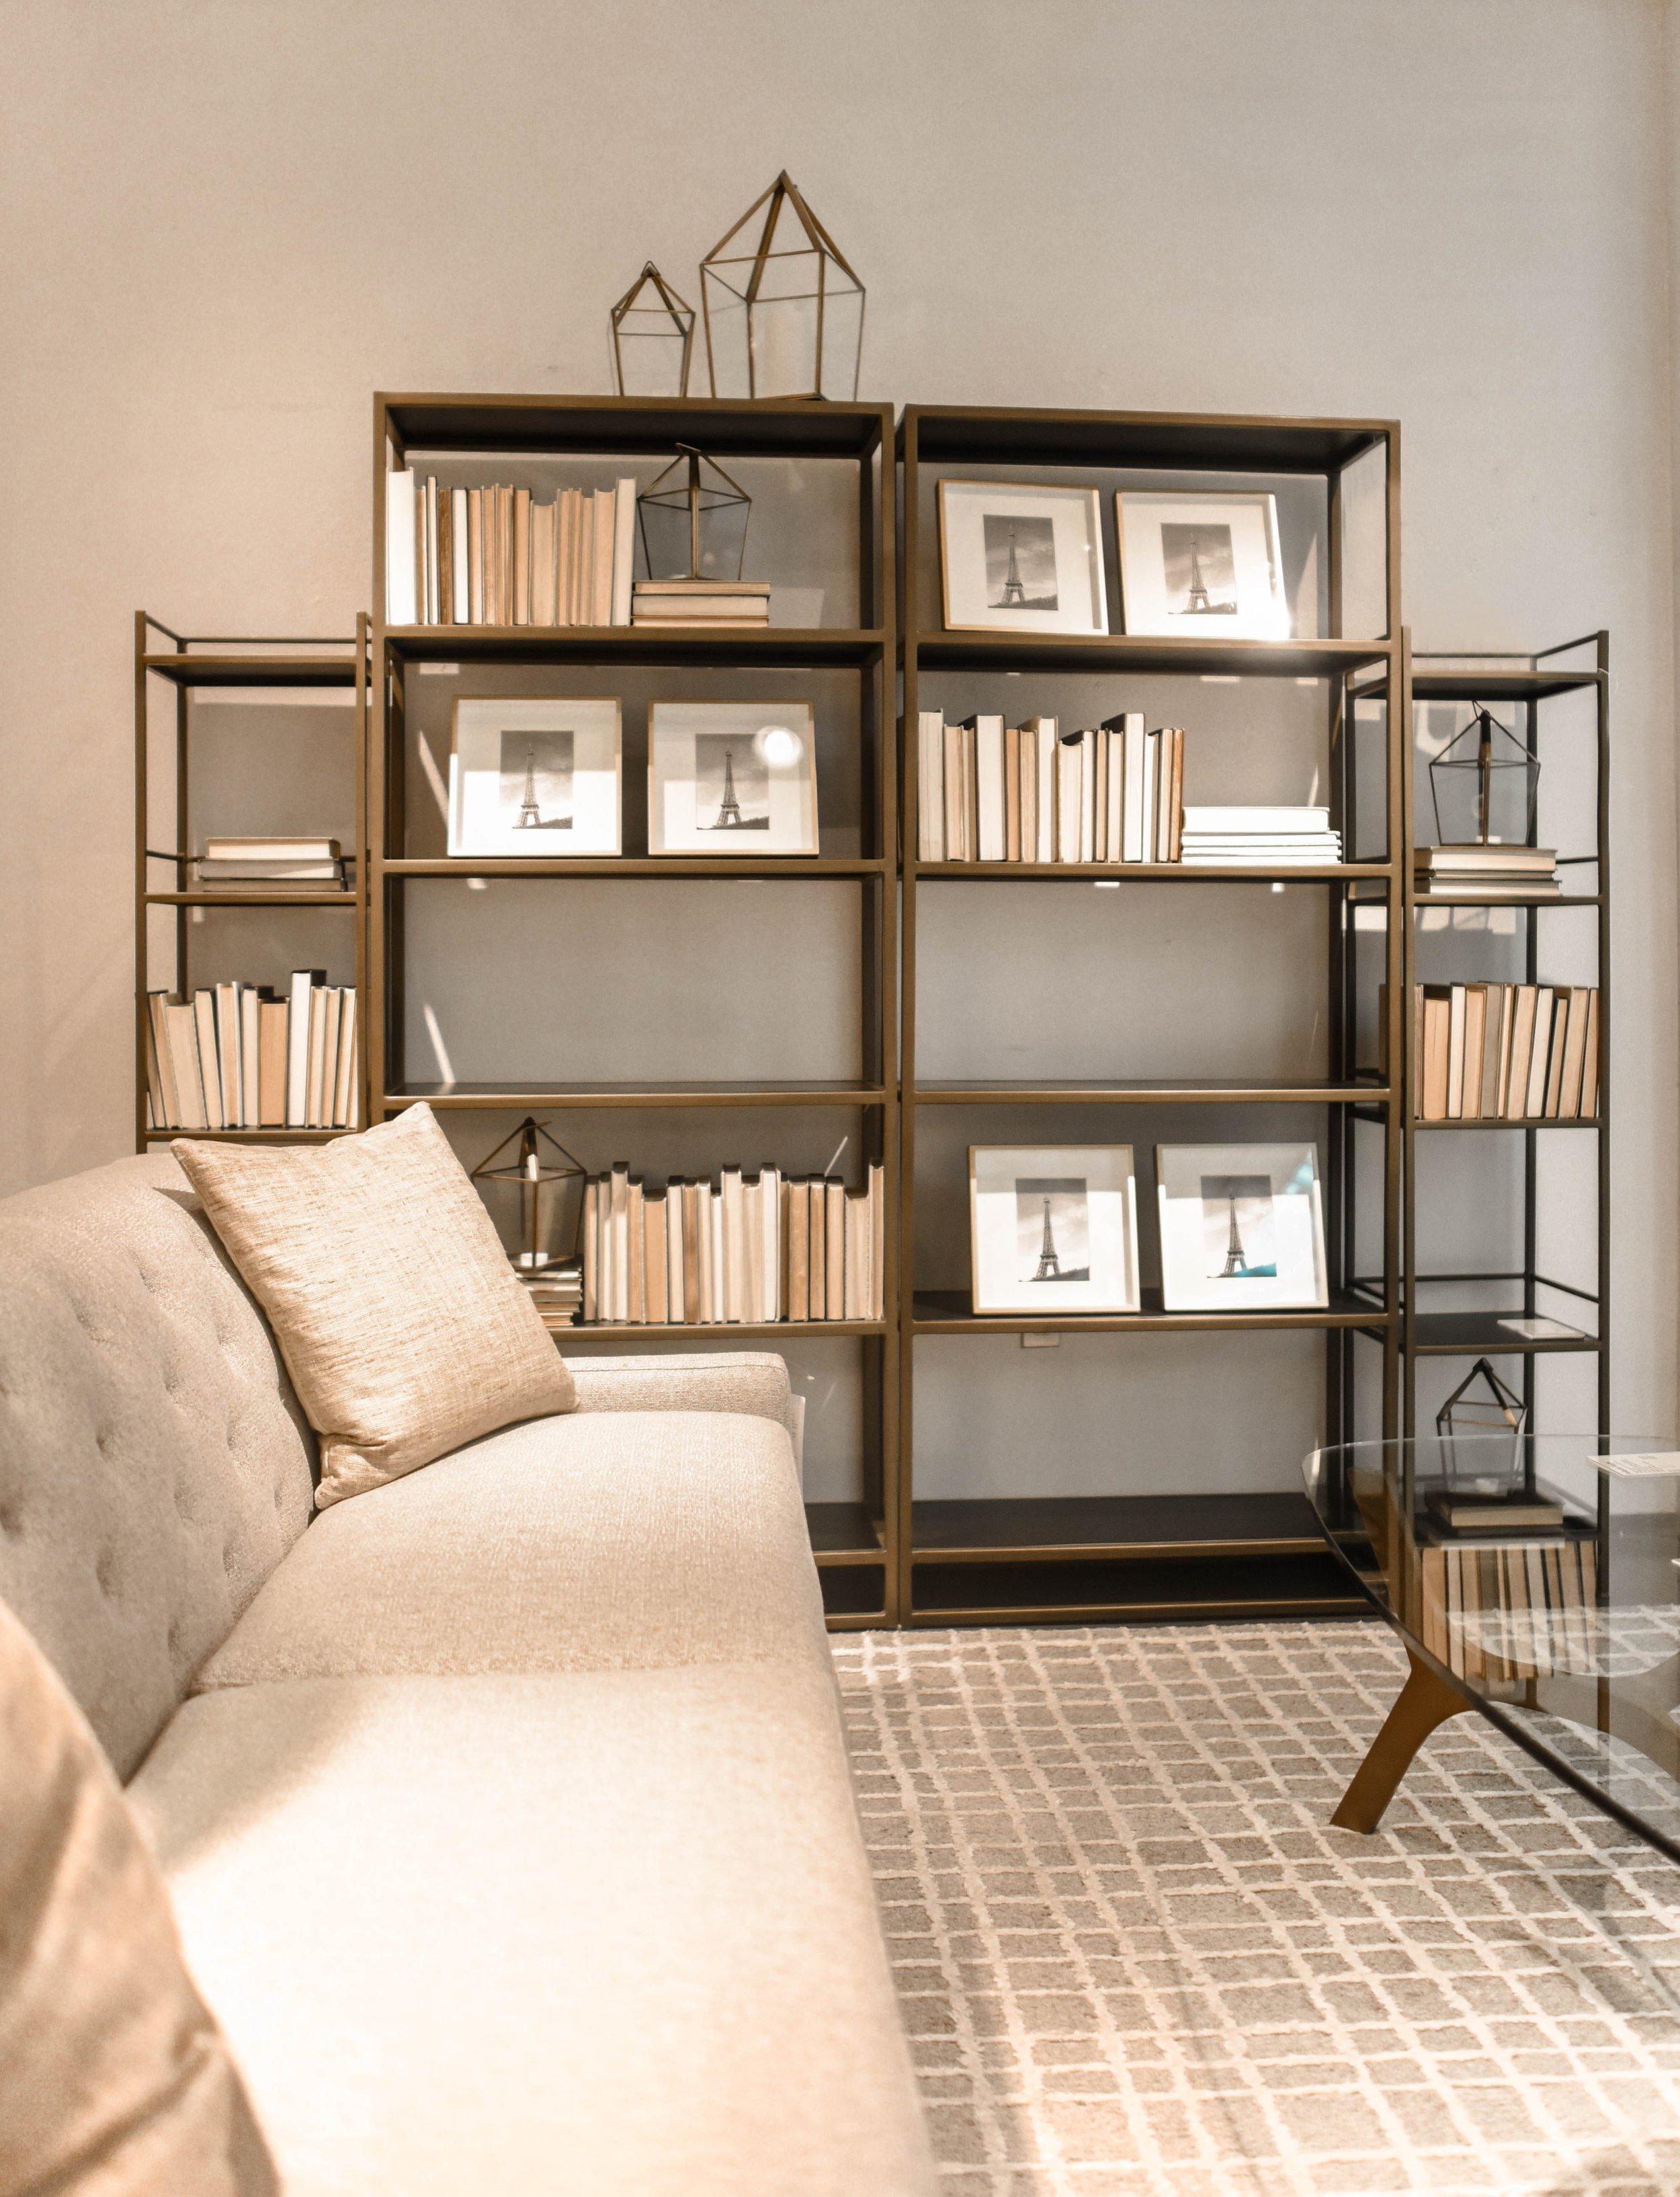 apartment-books-bookshelves-1125130.jpg